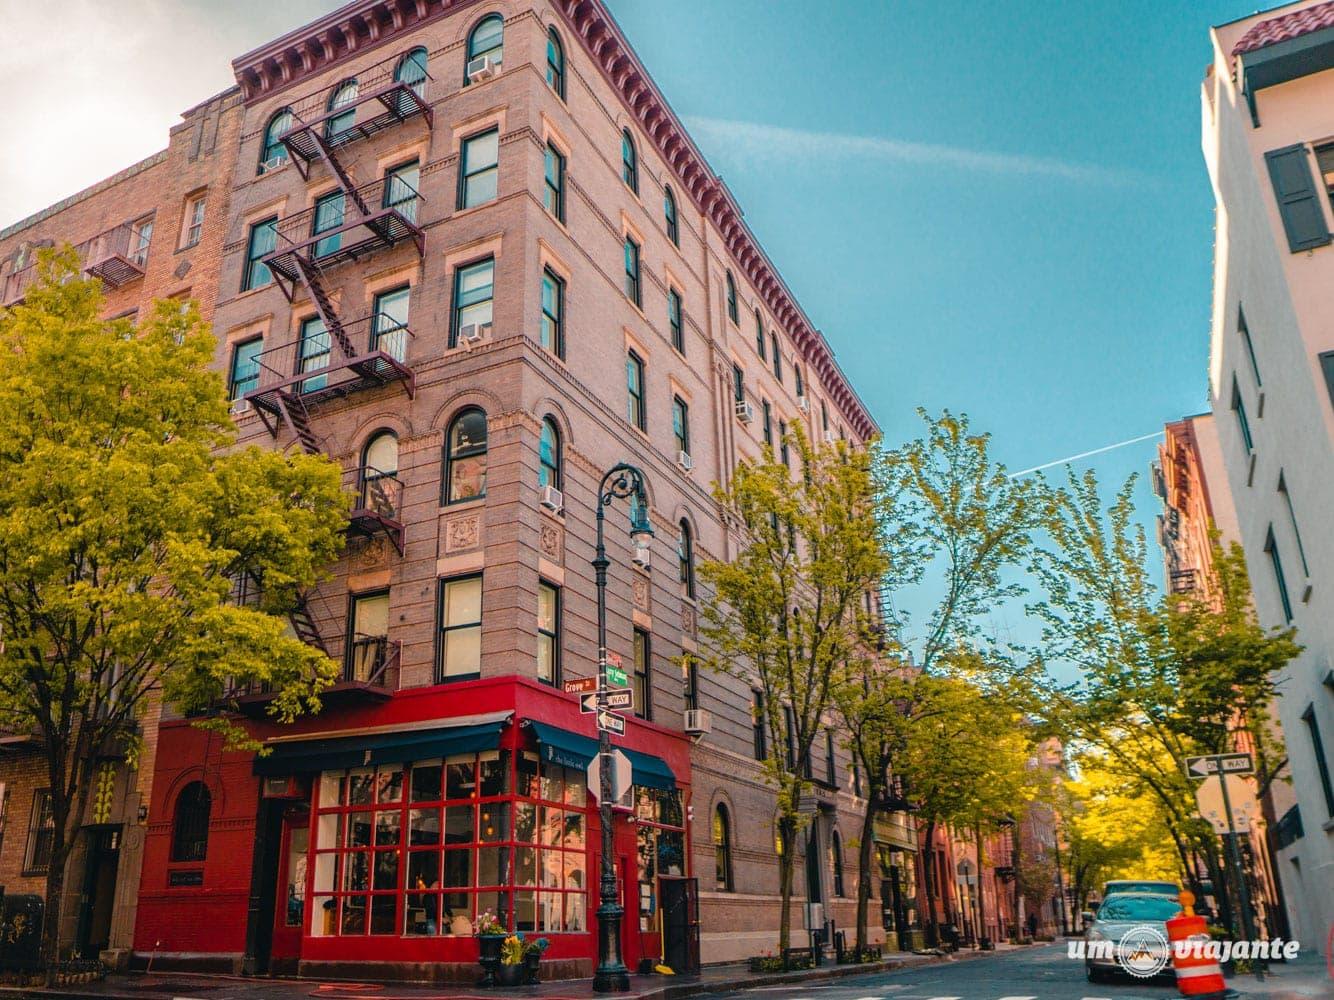 Prédio do seriado Friends - Roteiro de 7 dias em Nova York: o que fazer em uma semana em NYC